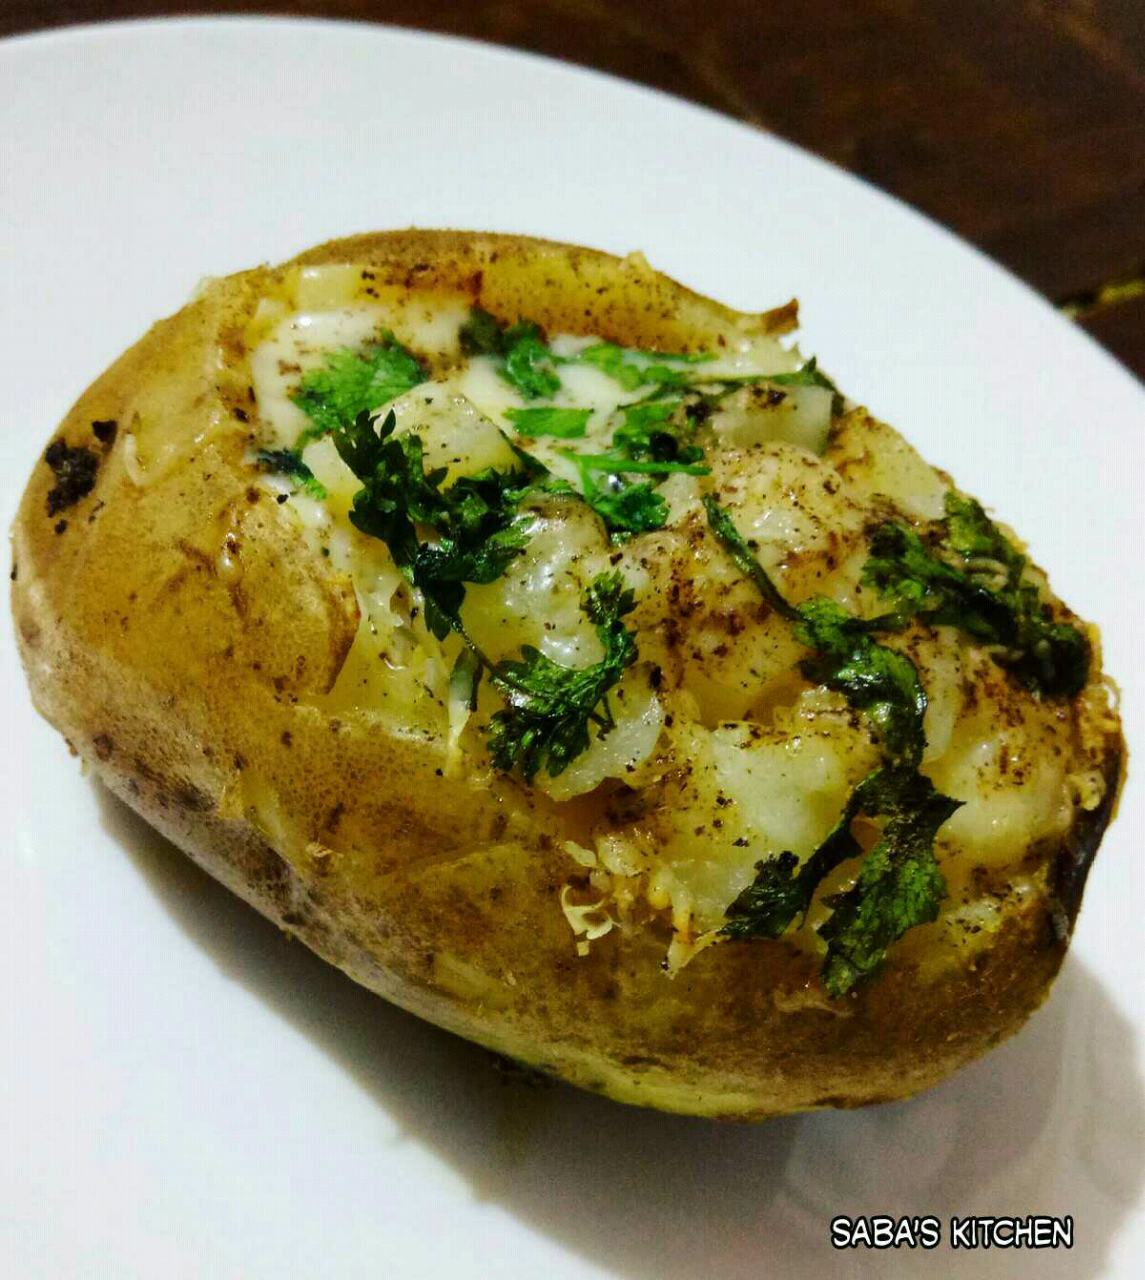 Baked Cheesy Potatoes